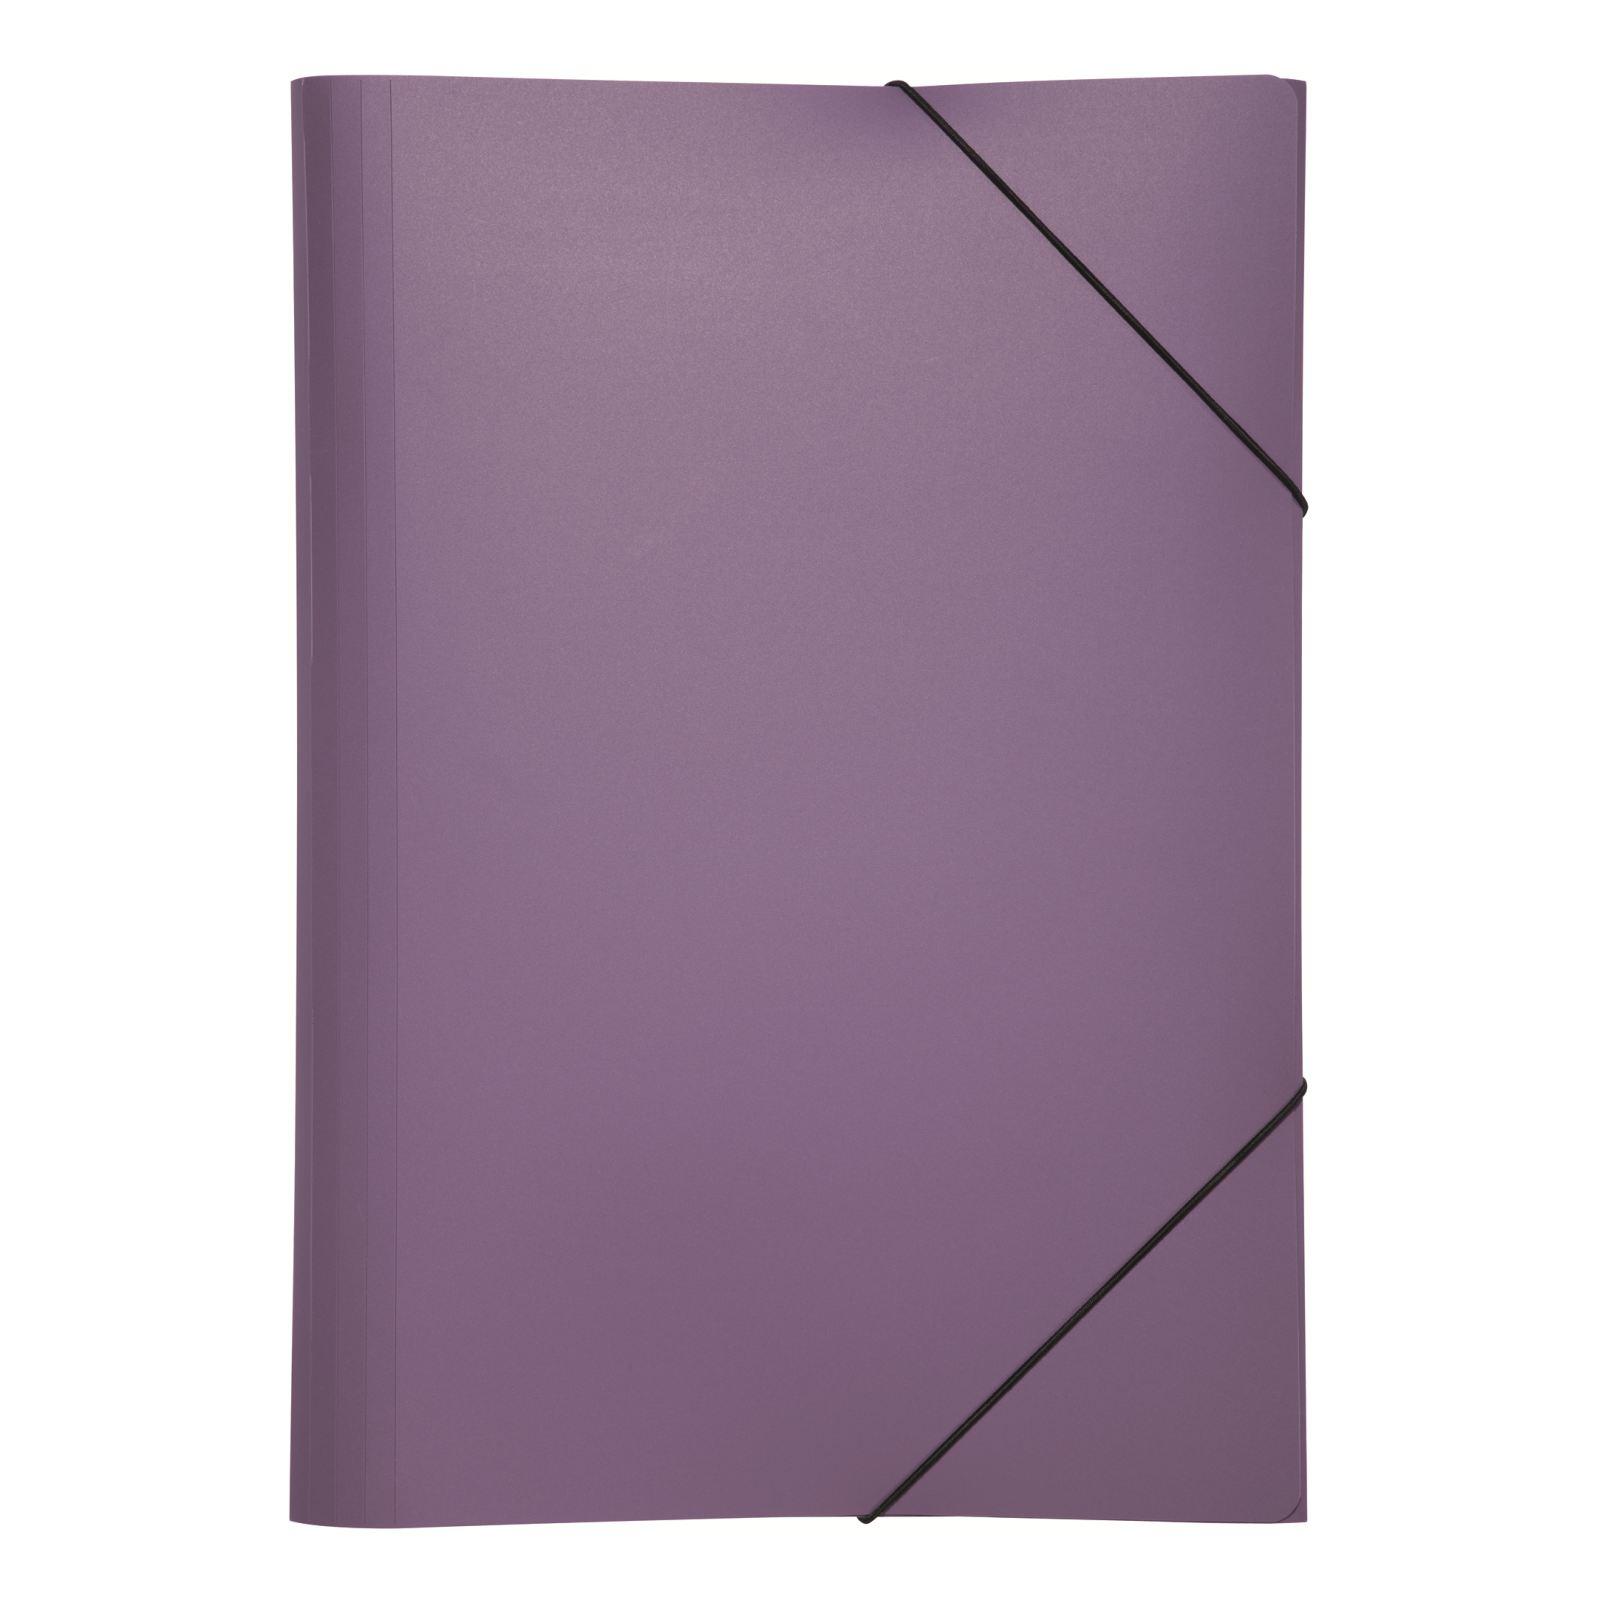 Pagna 21638-12 - A3 - Polypropylen (PP) - Violett - Gummiband - 5 Stück(e)